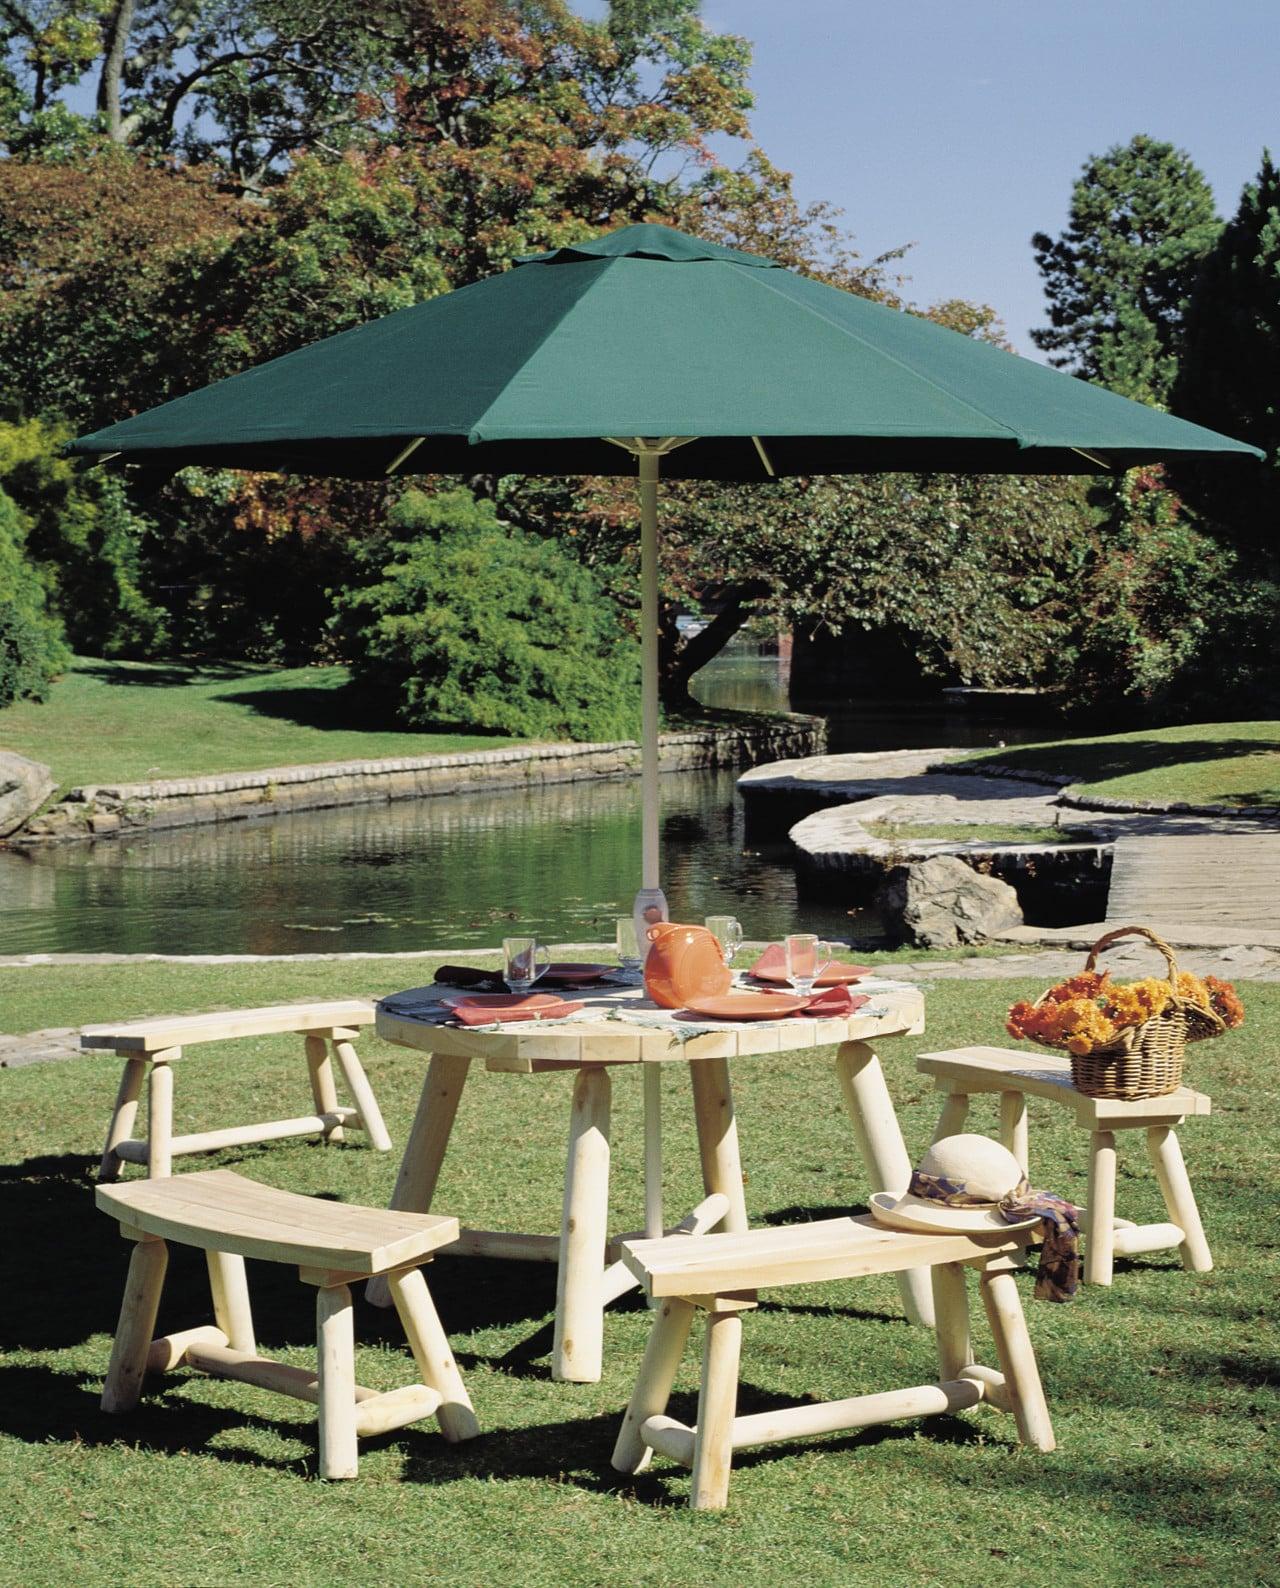 Table de jardin parasol ronde en bois c dre rondins - Table de jardin avec parasol ...